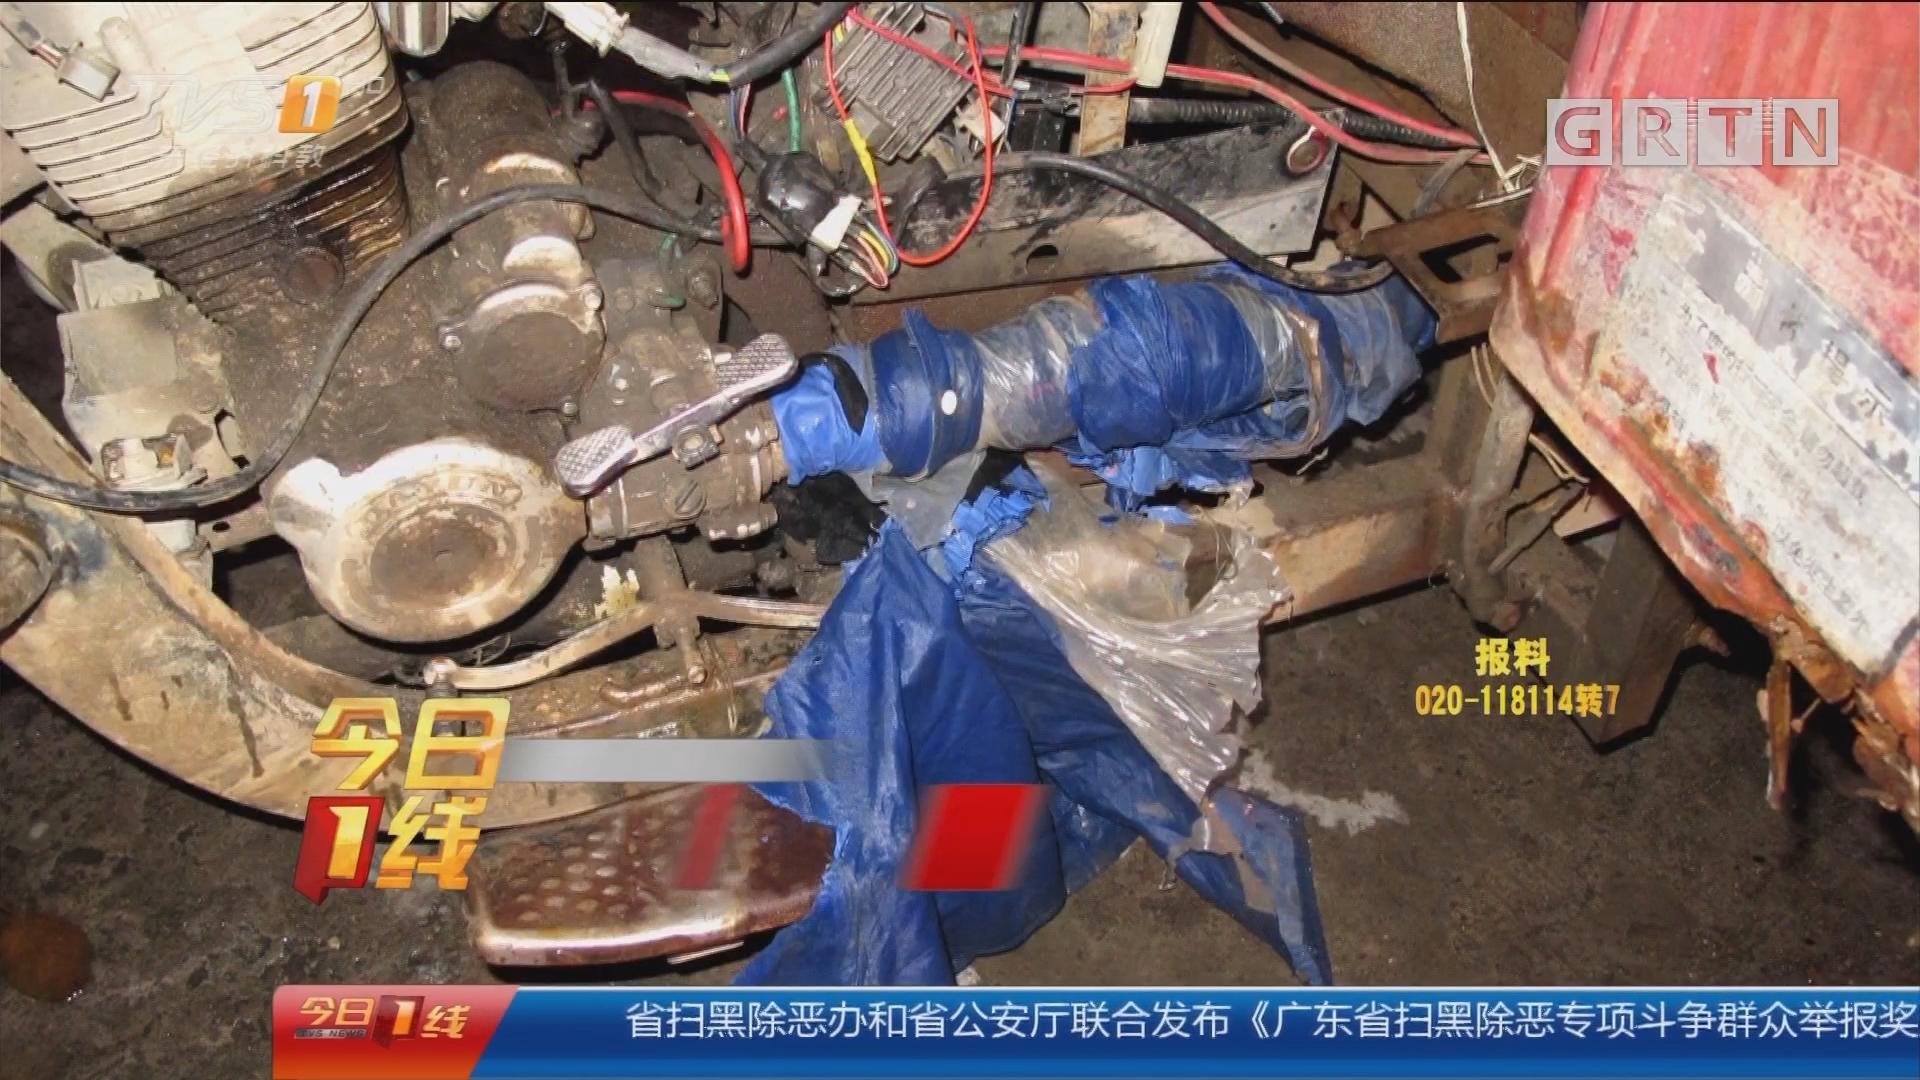 中山港口:男子雨天骑摩托 雨衣卷入车轮被勒身亡